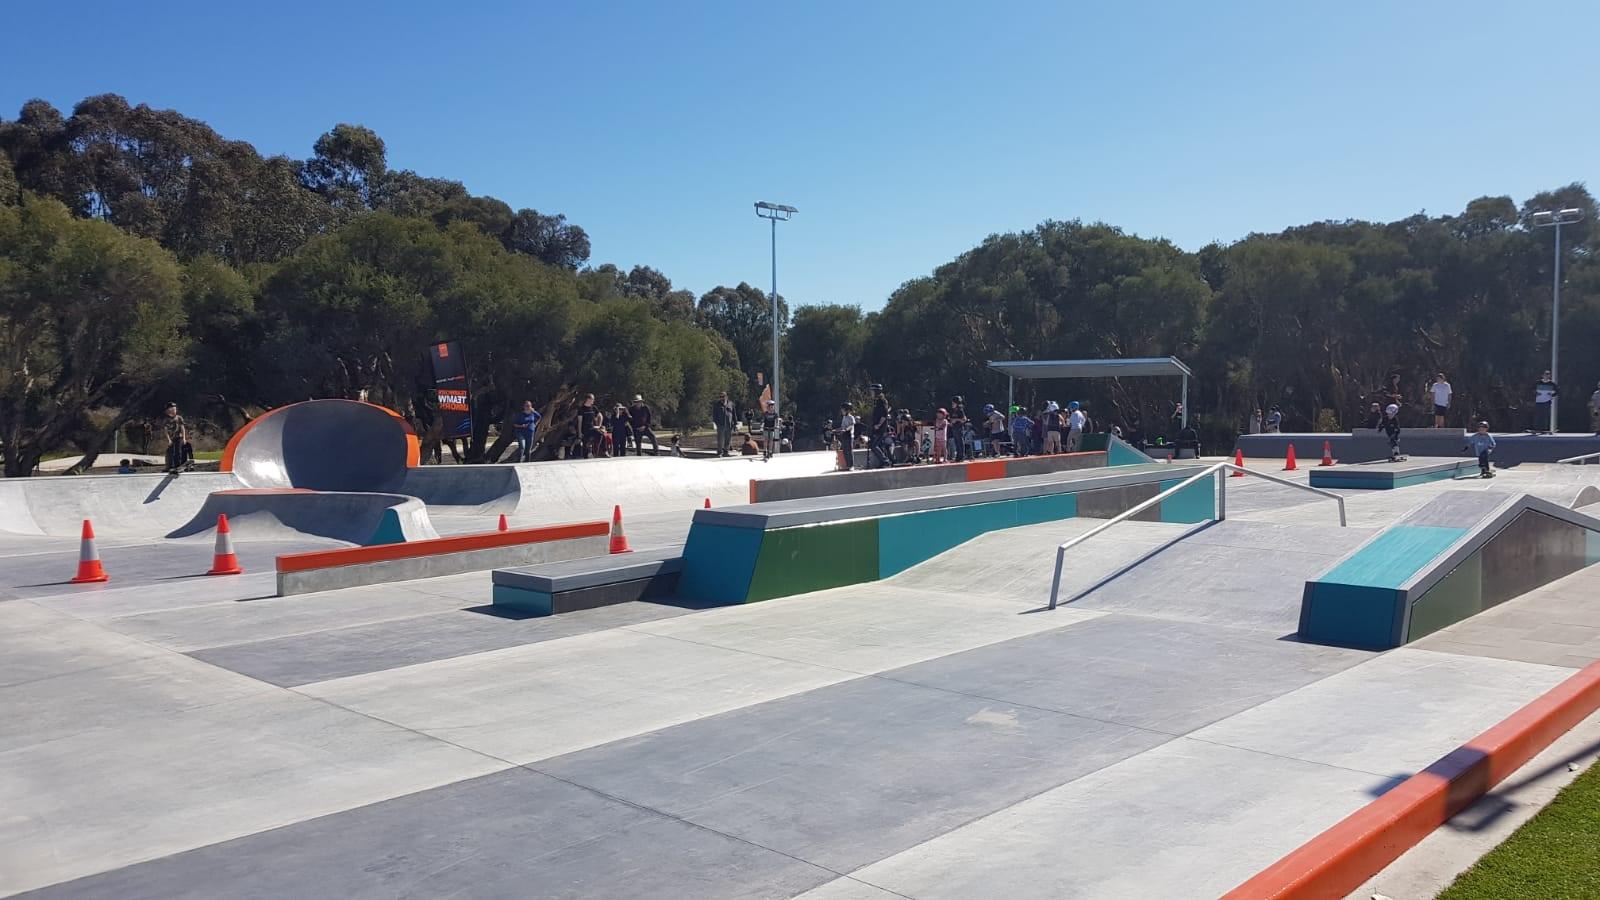 Plaza skate 1